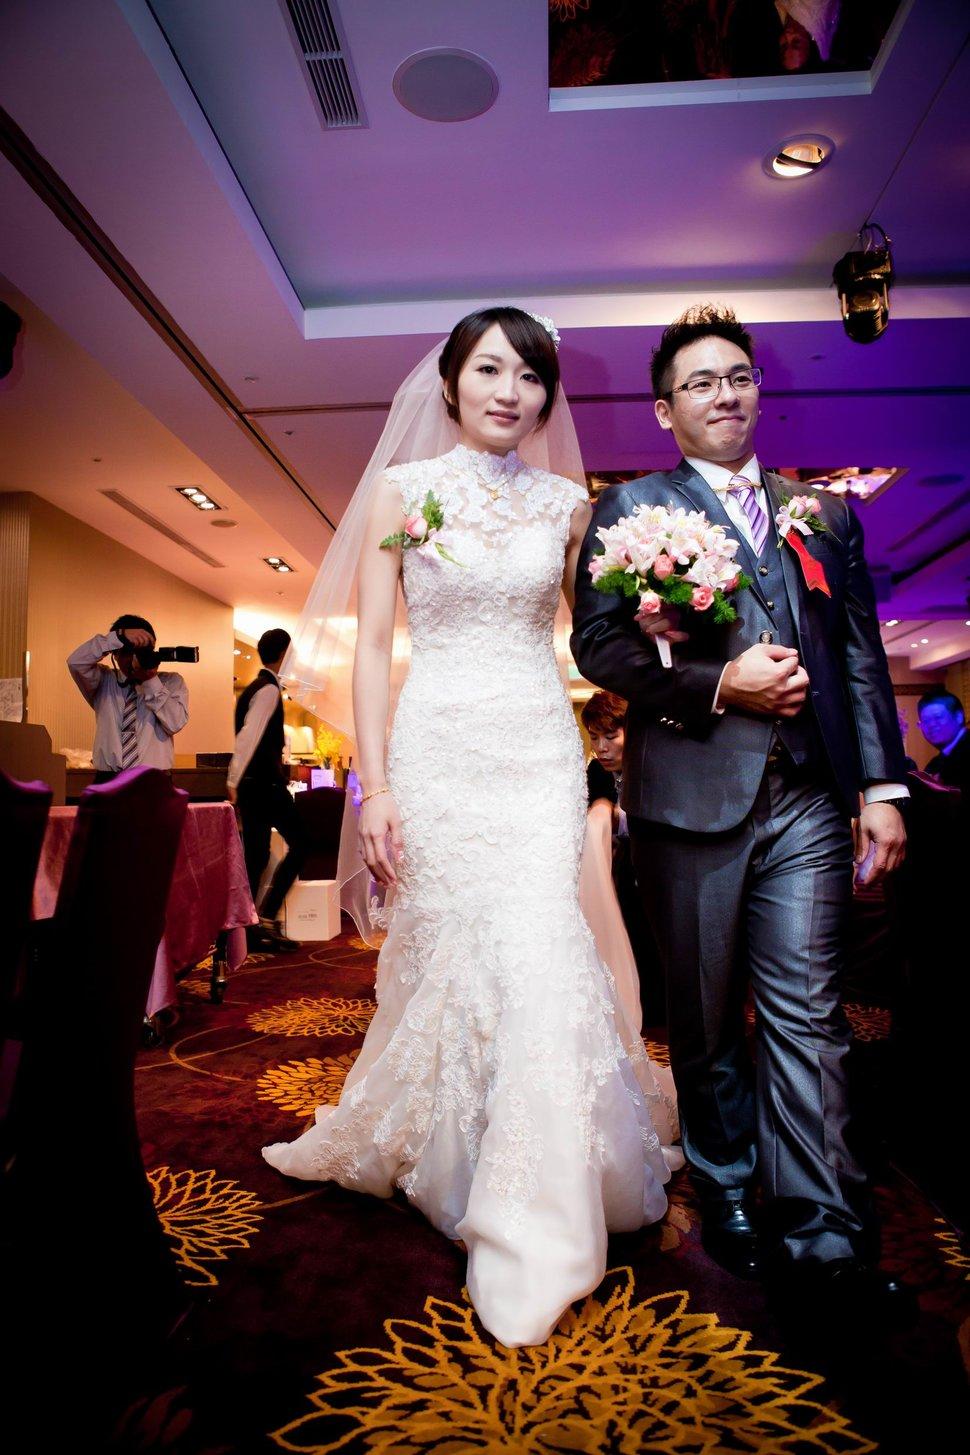 長榮桂冠酒店彭園會館婚禮記錄專業錄影平面攝影(編號:195017) - 蜜月拍照10800錄影12800攝影團隊 - 結婚吧